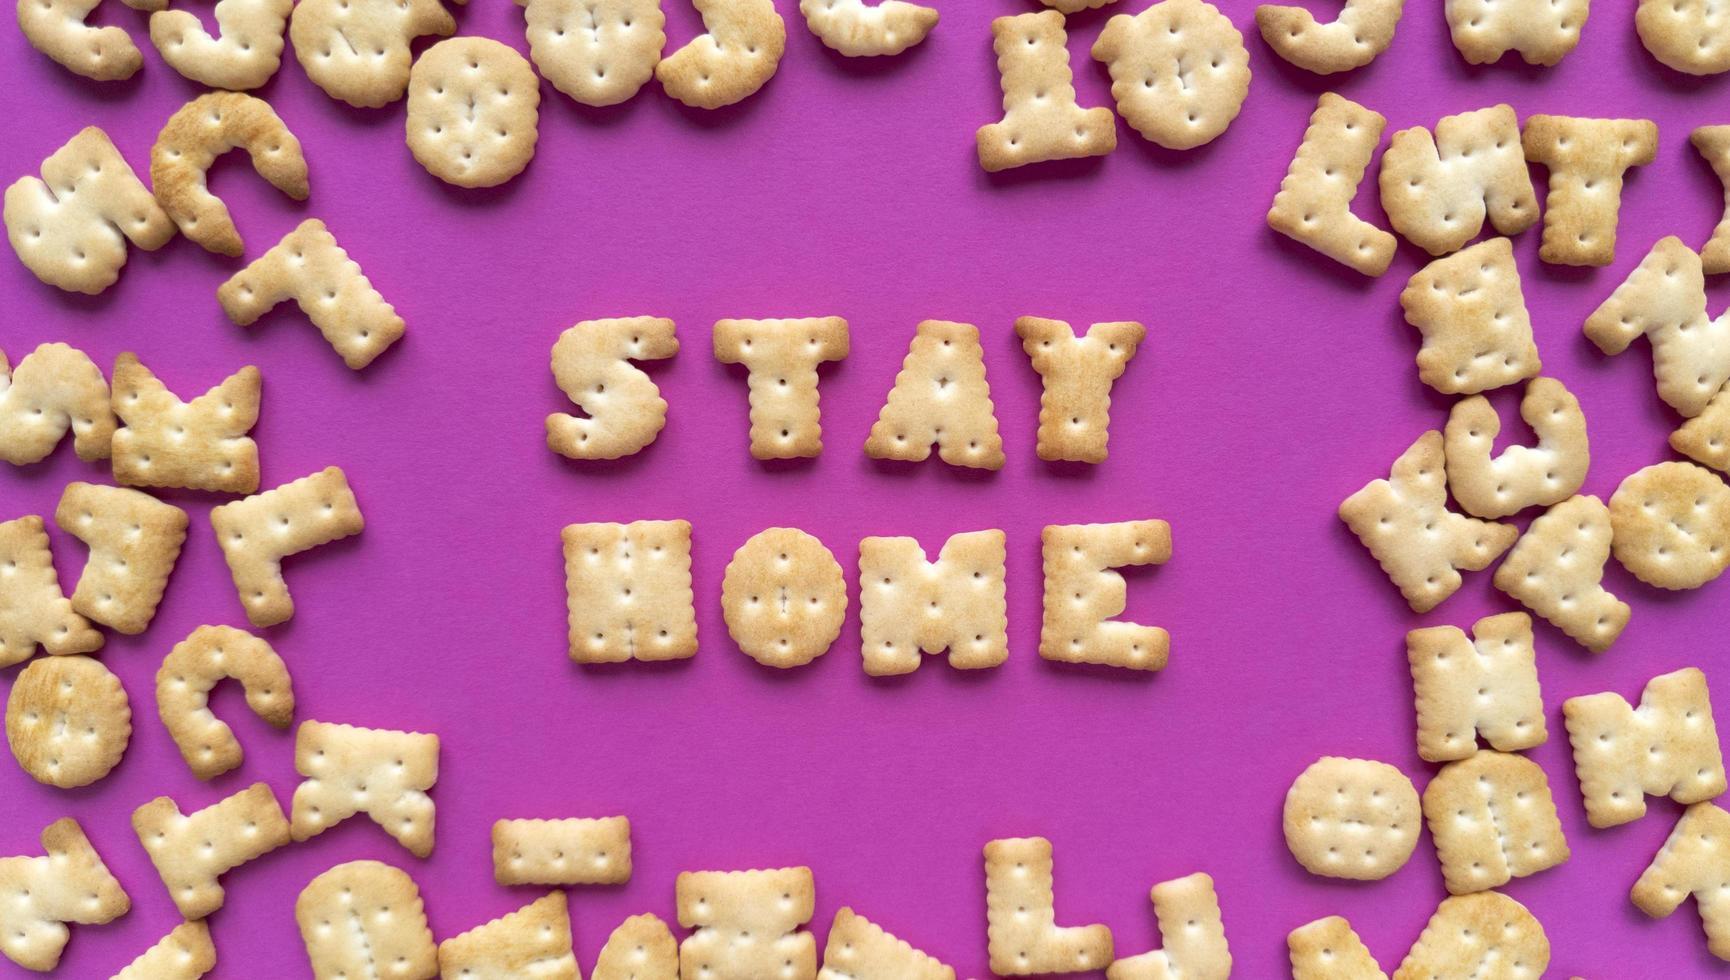 blijf thuis. quarantaine citaat van crackers op roze achtergrond en verspreide letters. eenvoudig plat leggen met pastel textuur. Stock fotografie. foto